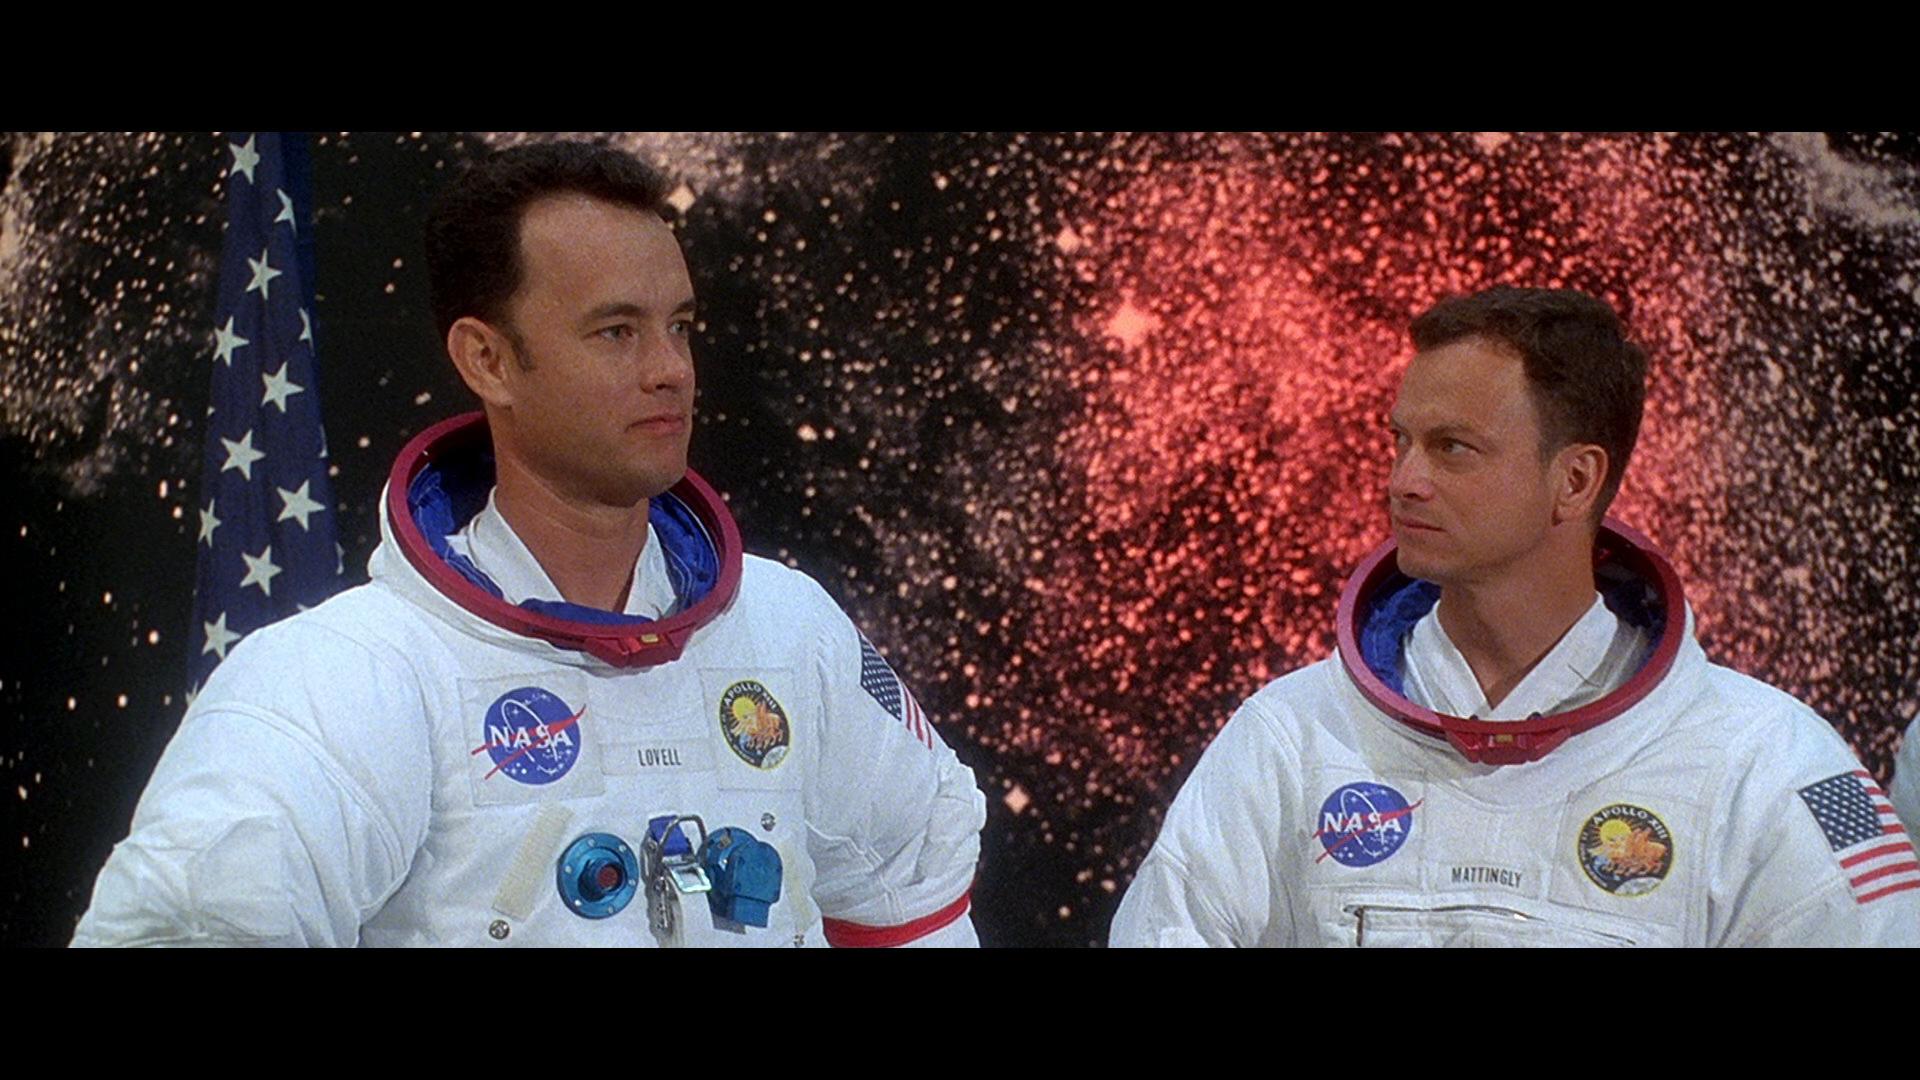 Apollo 13 – Blu-ray Screenshots – HighDefDiscNews